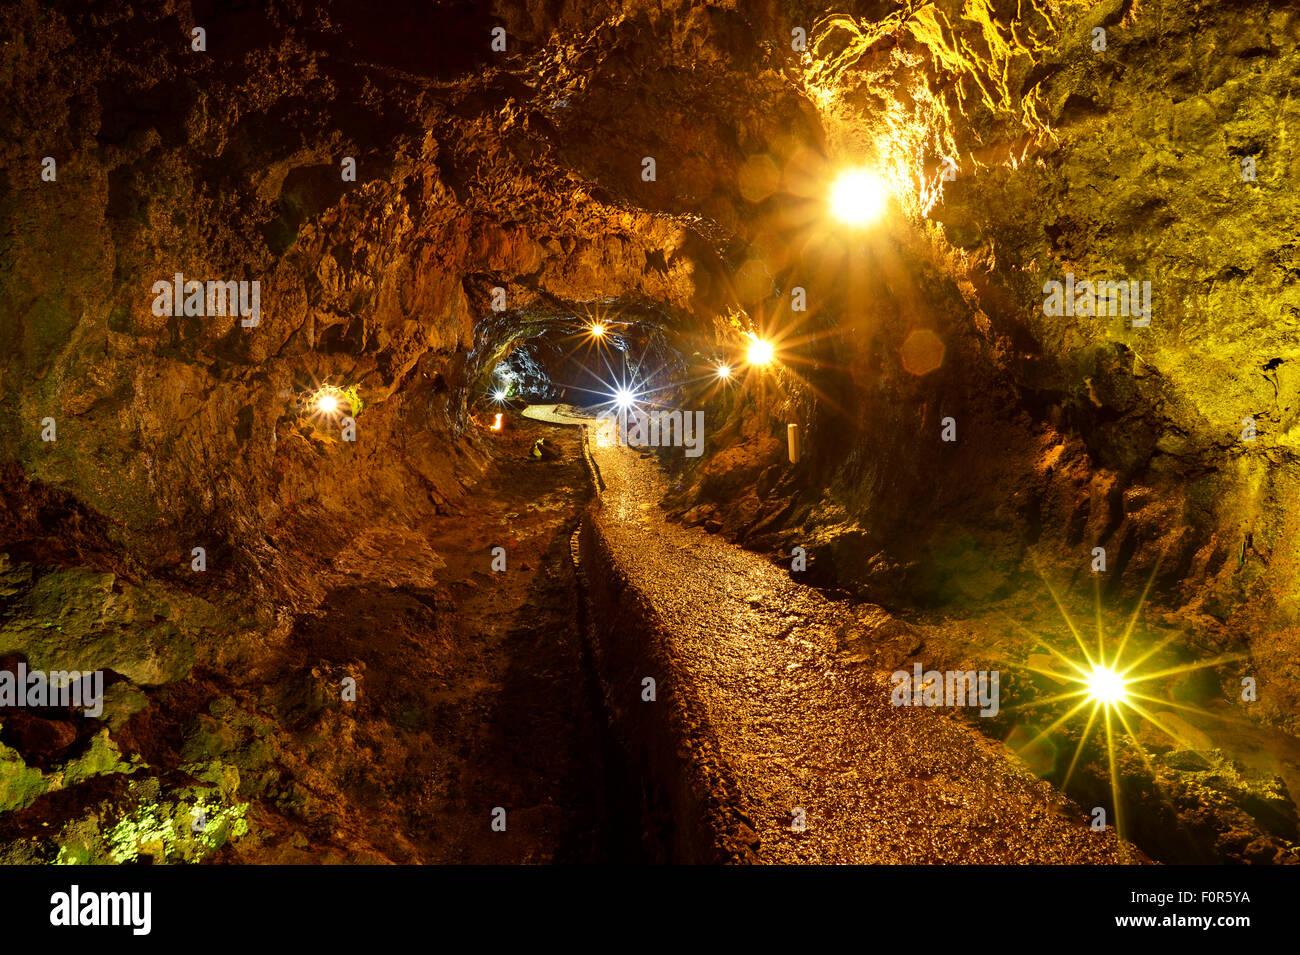 Lava caves Grutas de Sao Vicente, Sao Vicente, Madeira, Portugal - Stock Image